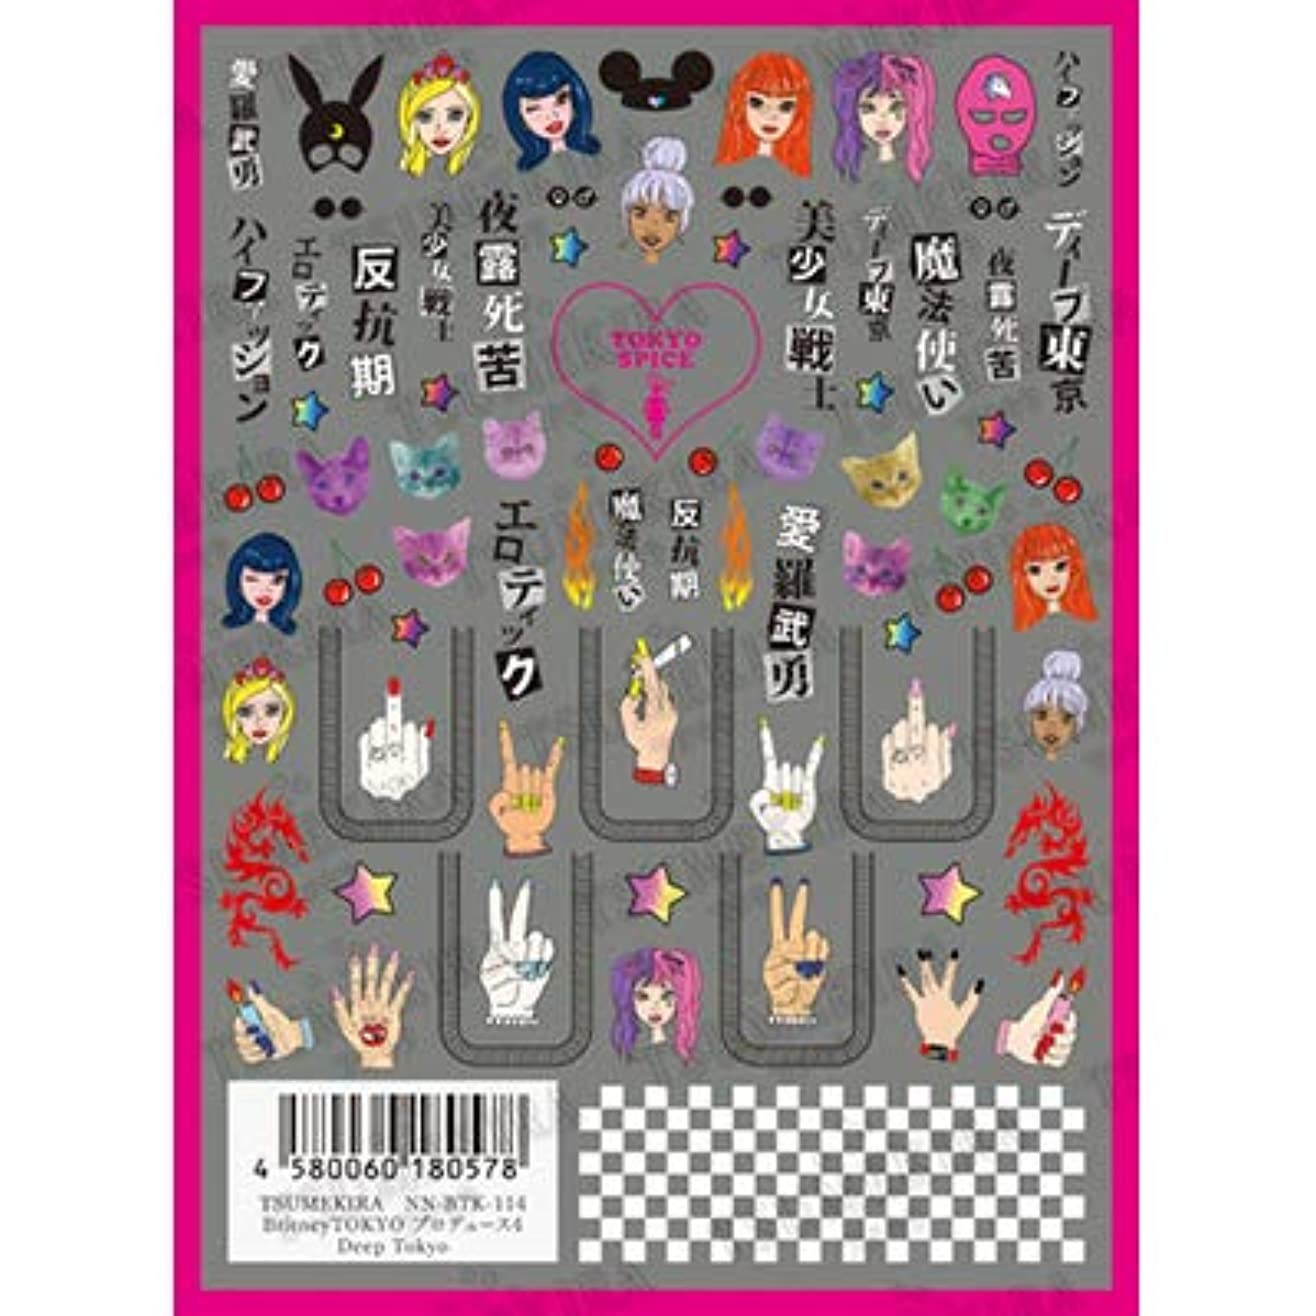 ポットダム受動的TSUMEKIRA(ツメキラ) ネイルシール BritneyTOKYOプロデュース4 Deep Tokyo NN-BTK-114 1枚